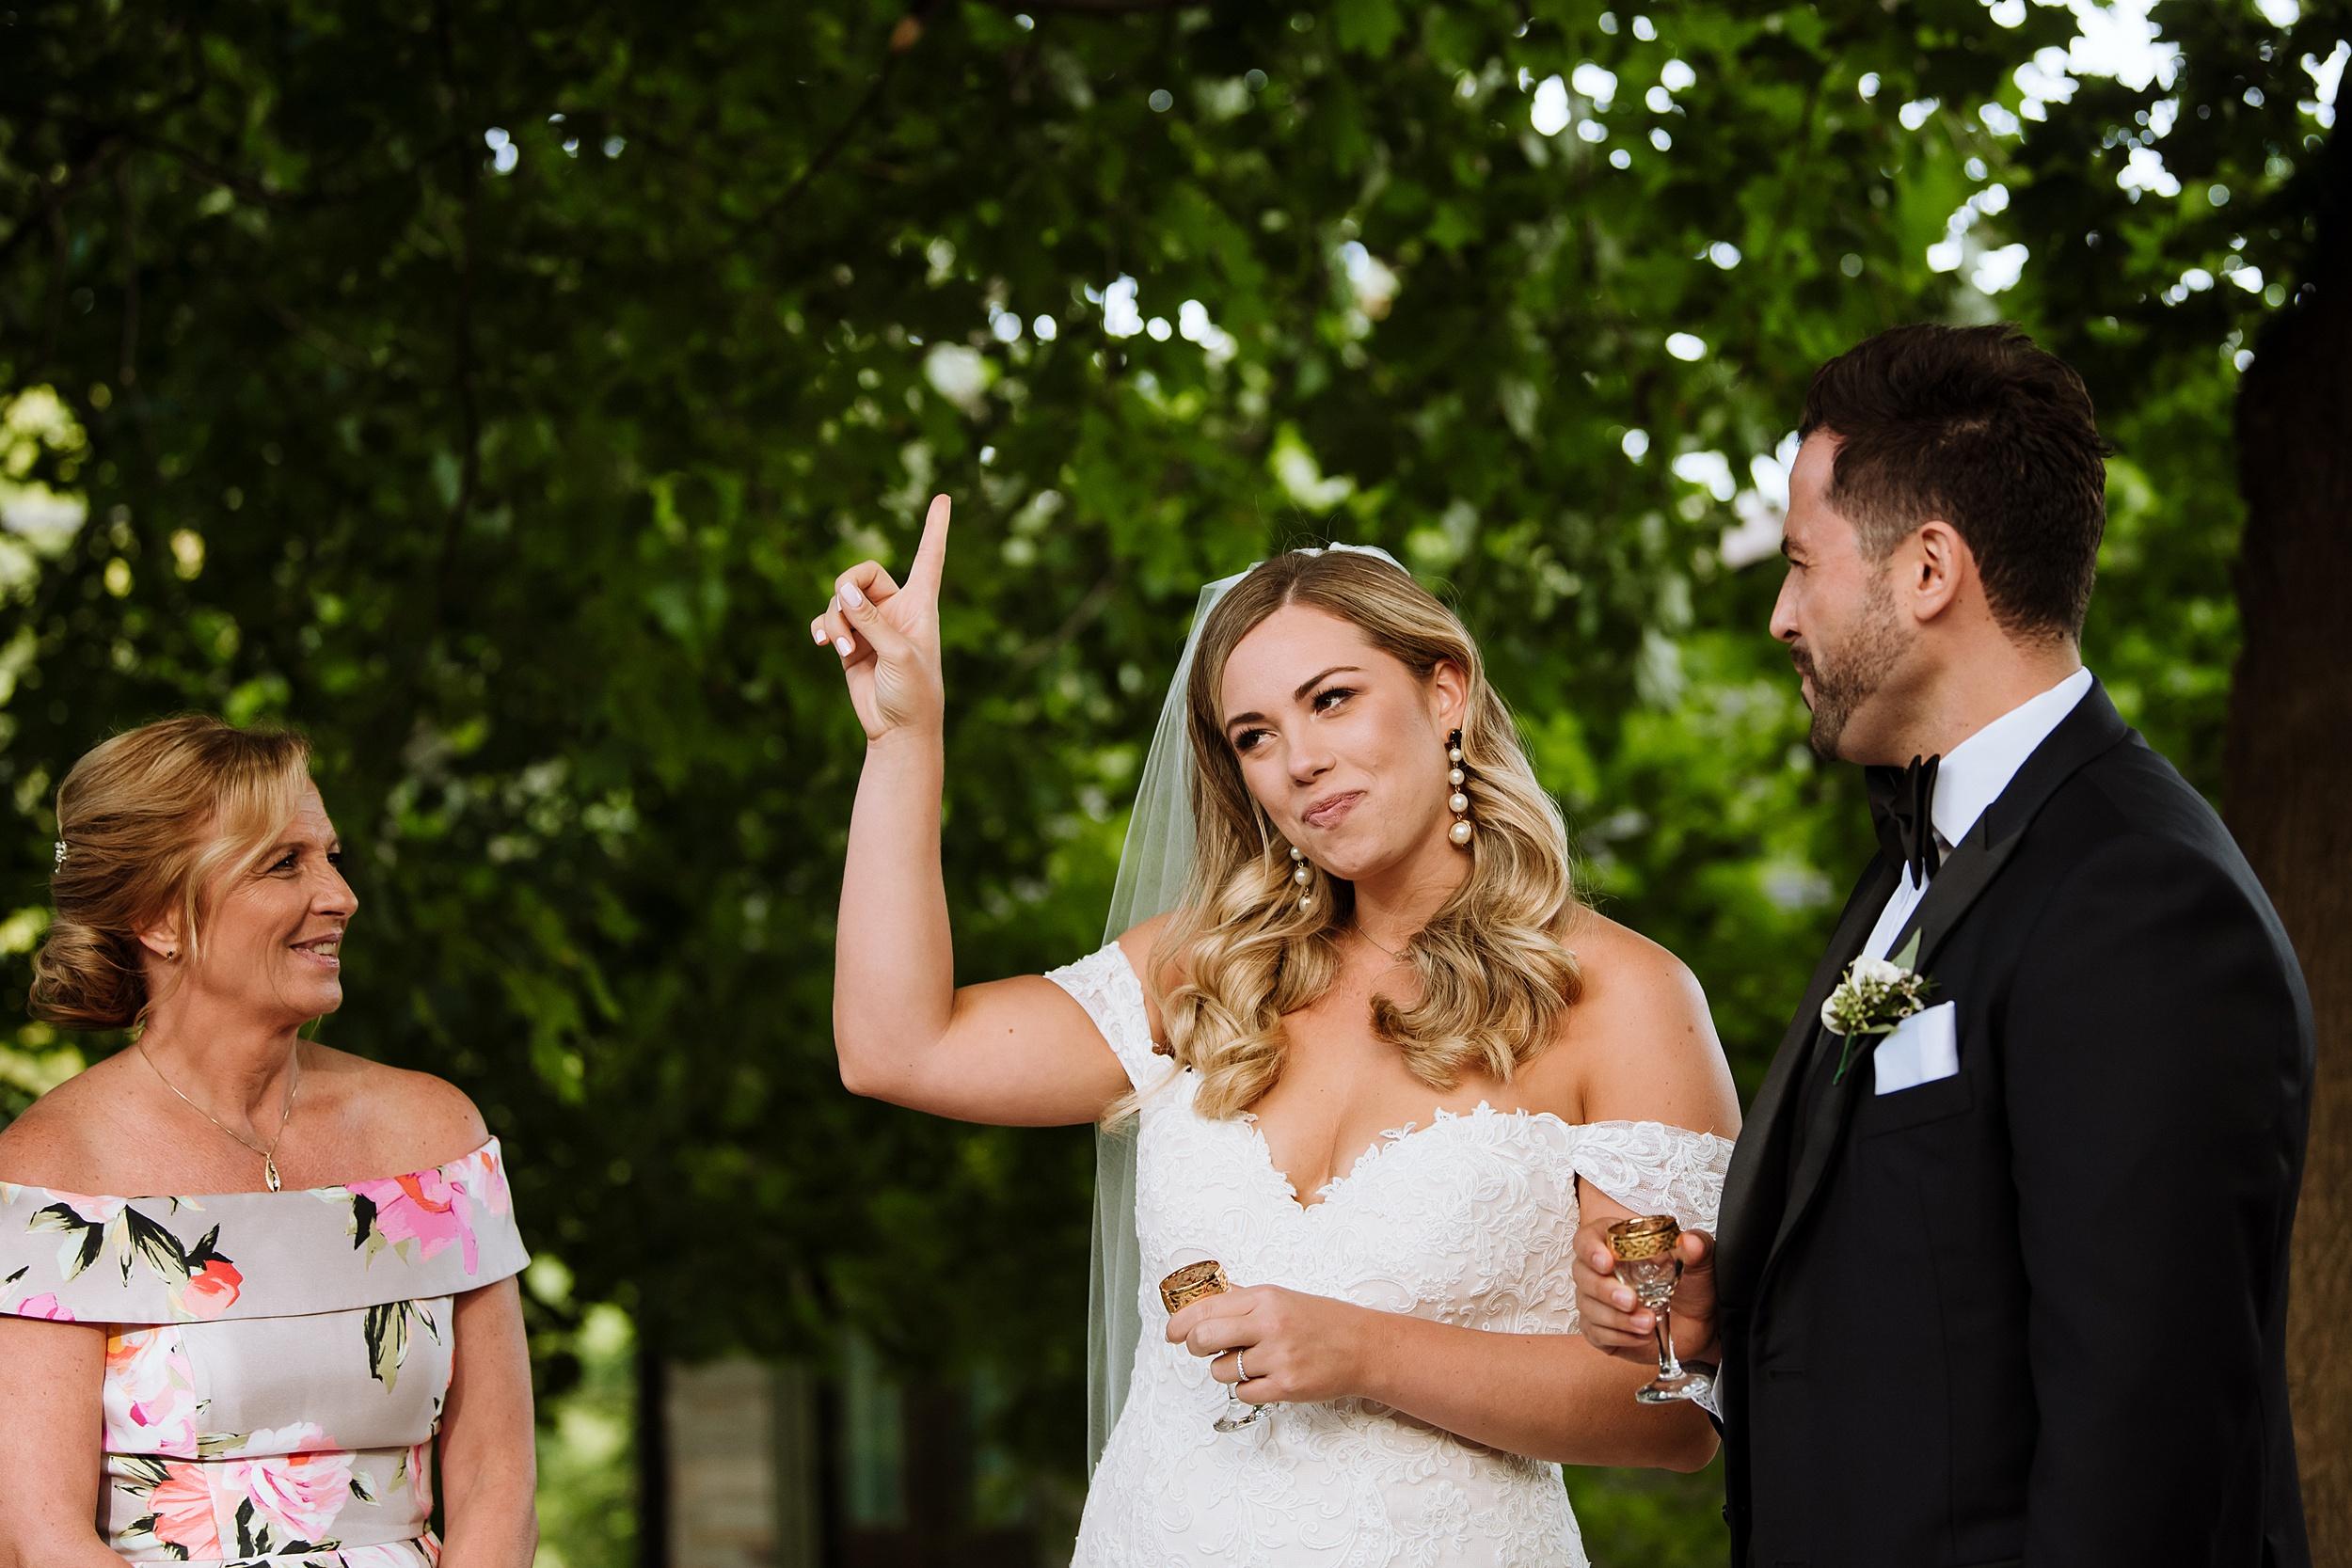 Rustic_Backyard_Wedding_Toronto_Photographer113.jpg